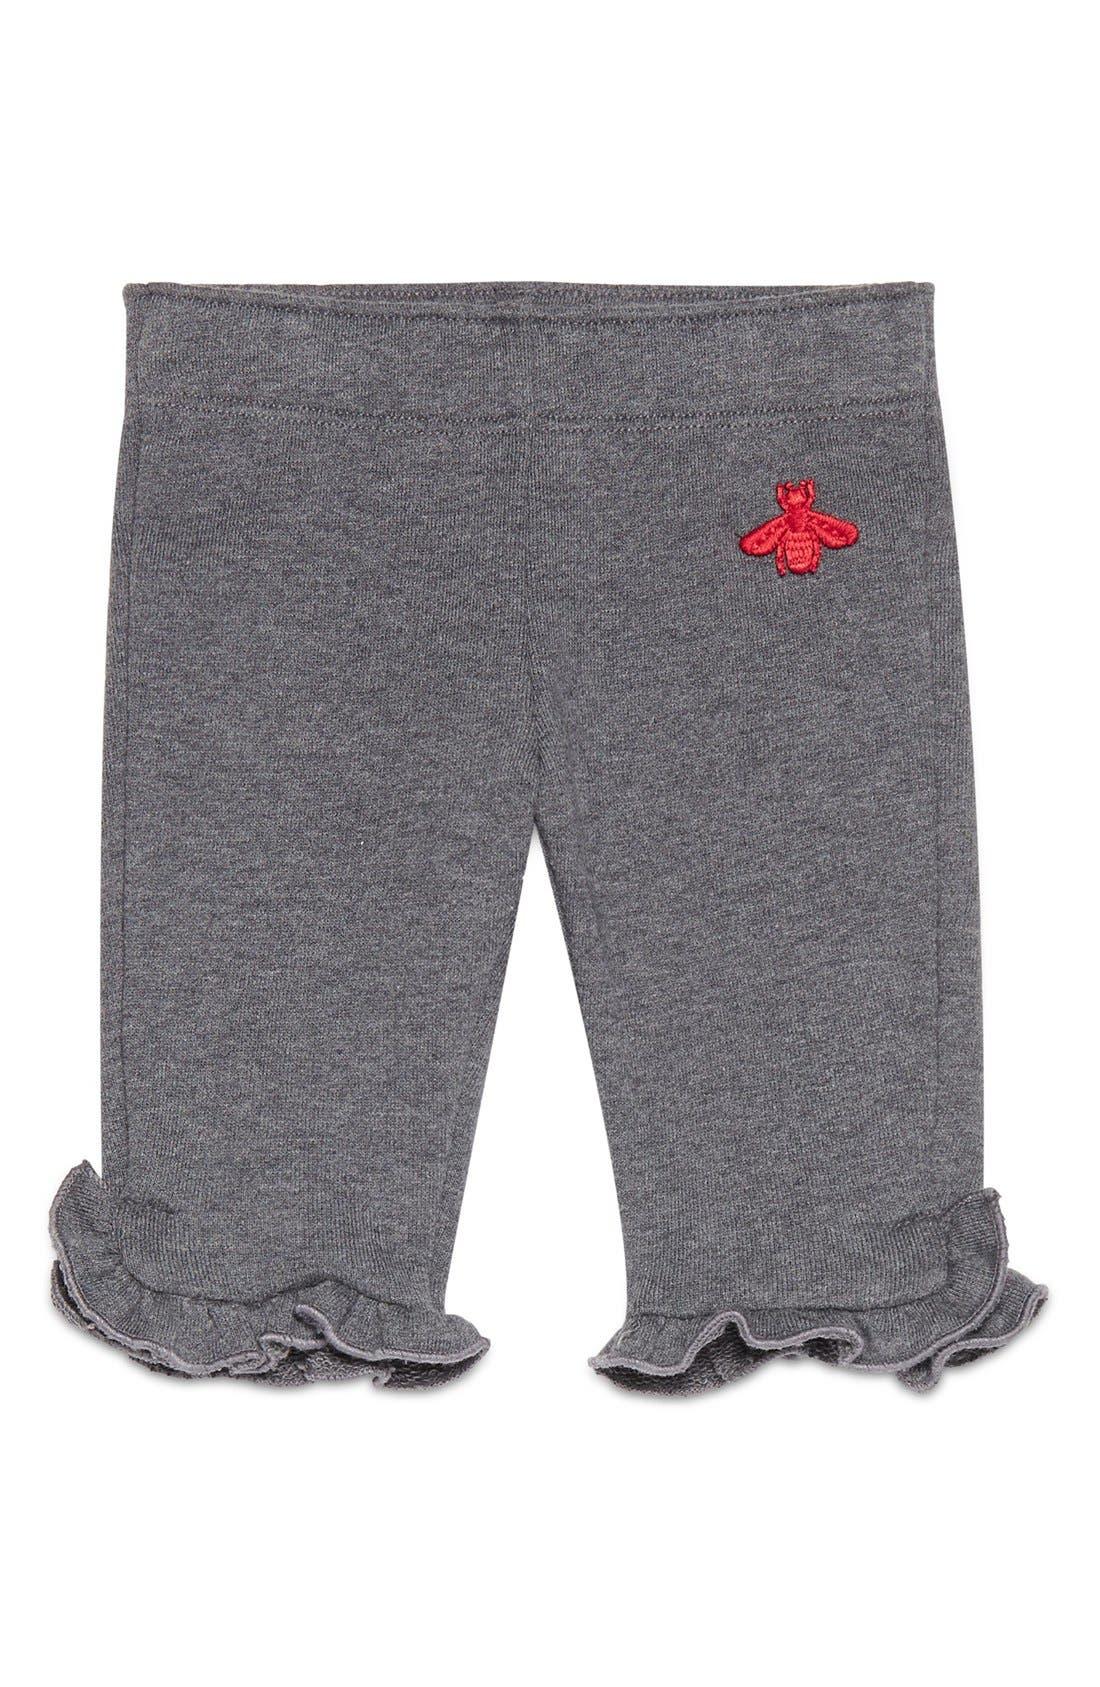 Bee Ruffle Hem Jogger Pants,                         Main,                         color, Grey/ Red